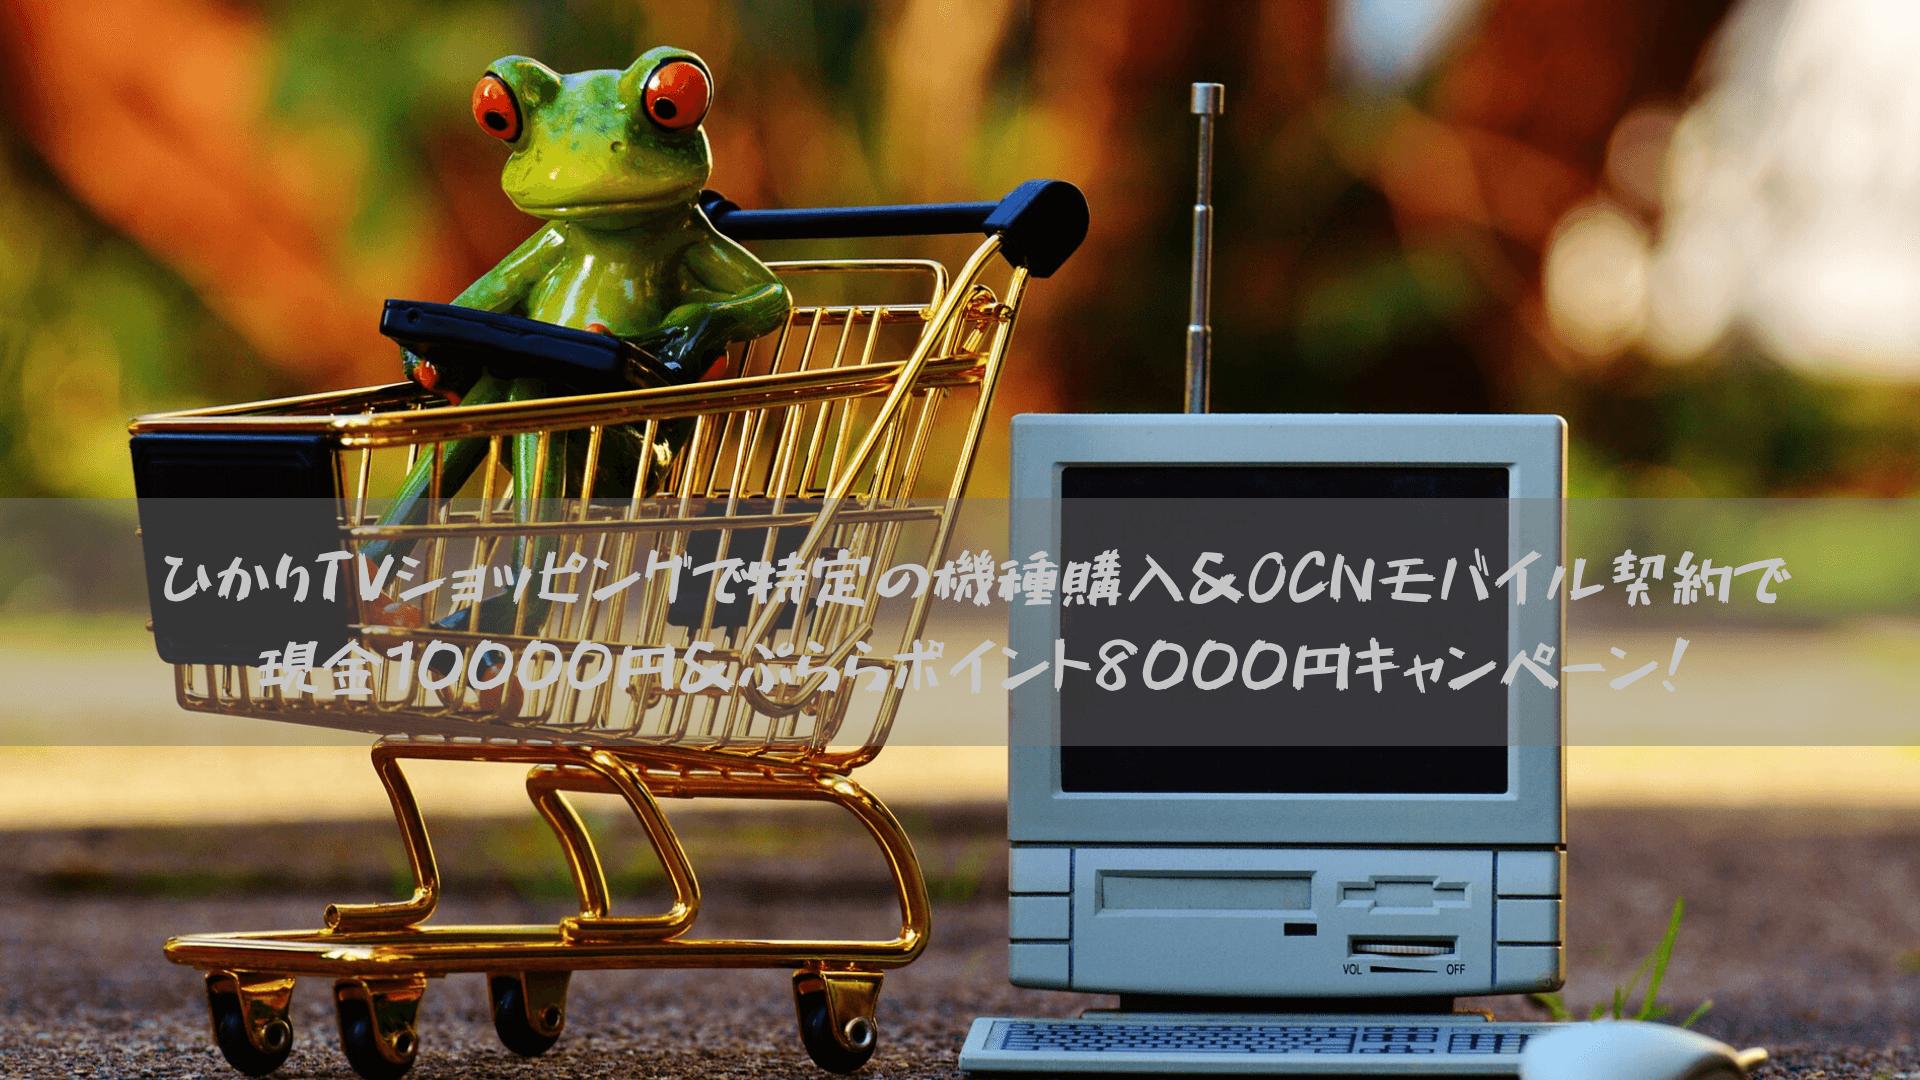 ひかりTVショッピングで特定の機種購入&OCNモバイル契約で現金10000円&ぷららポイント8000円キャンペーン!